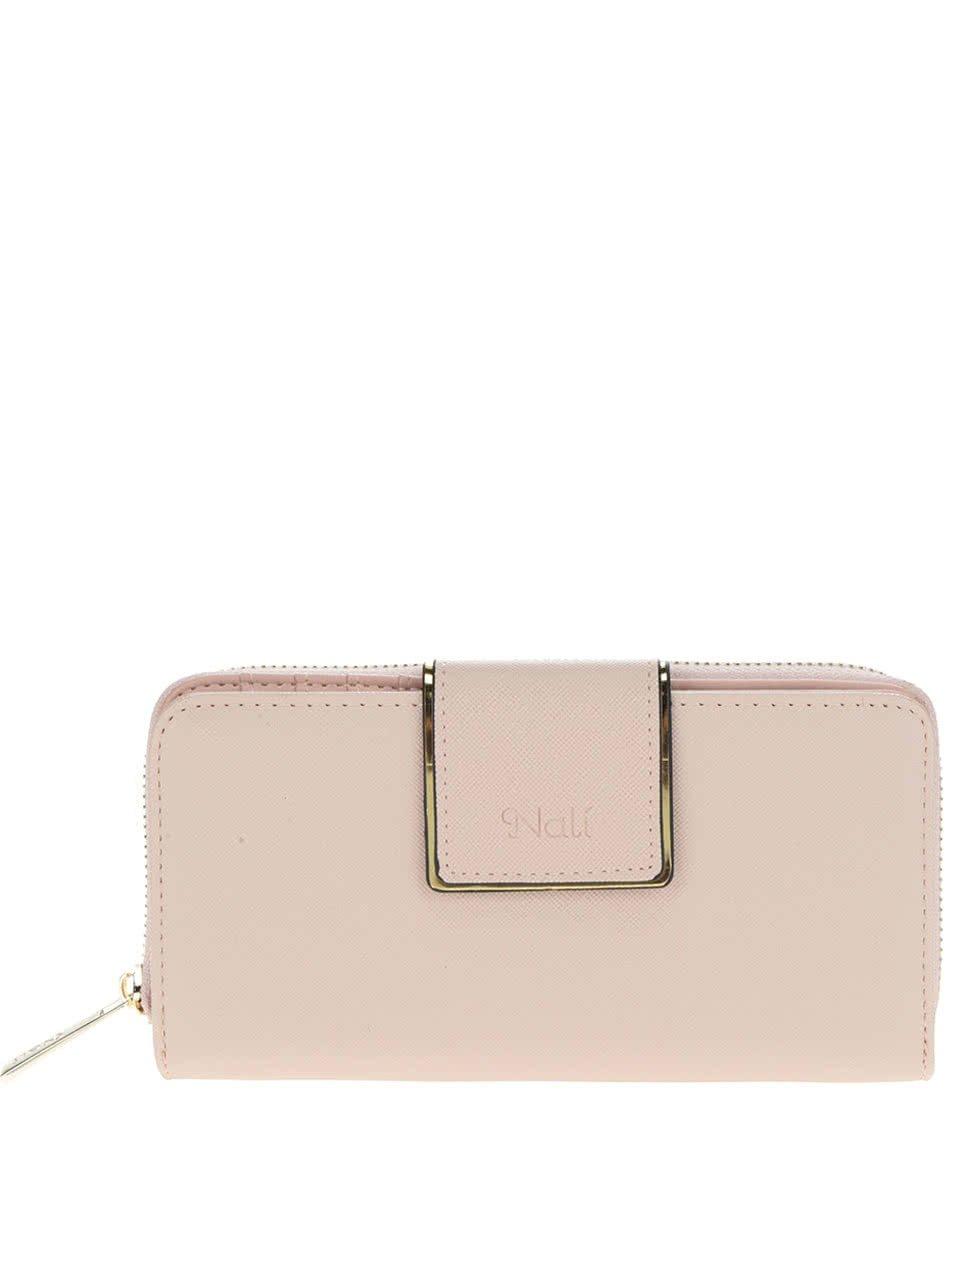 Světle růžová peněženka s detaily ve zlaté barvě Nalí